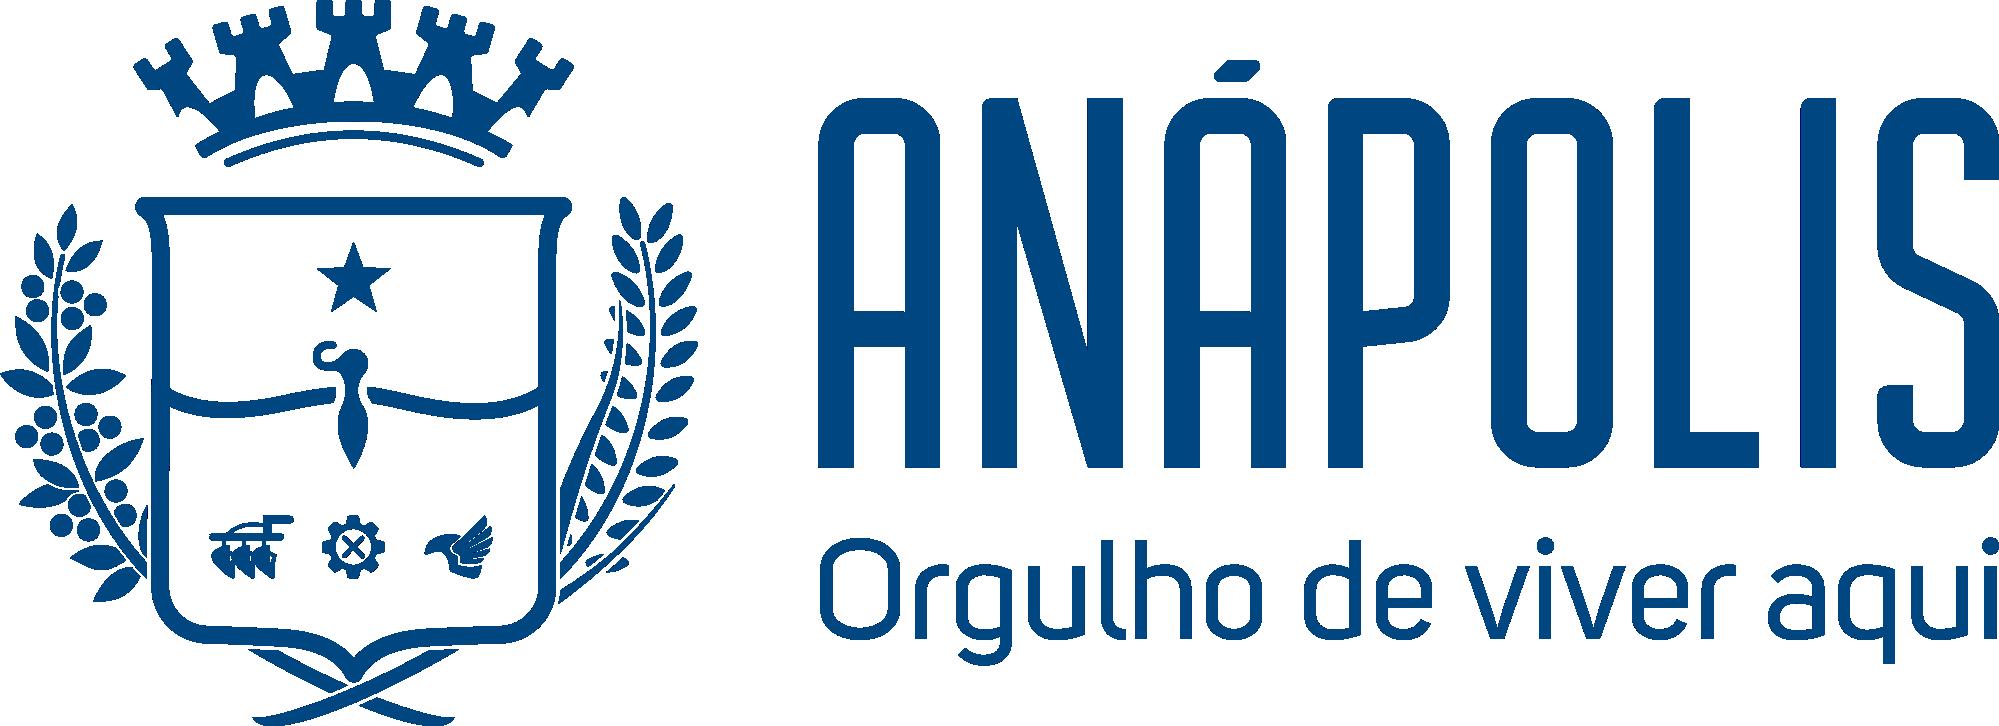 Prefeitura de Anápolis II